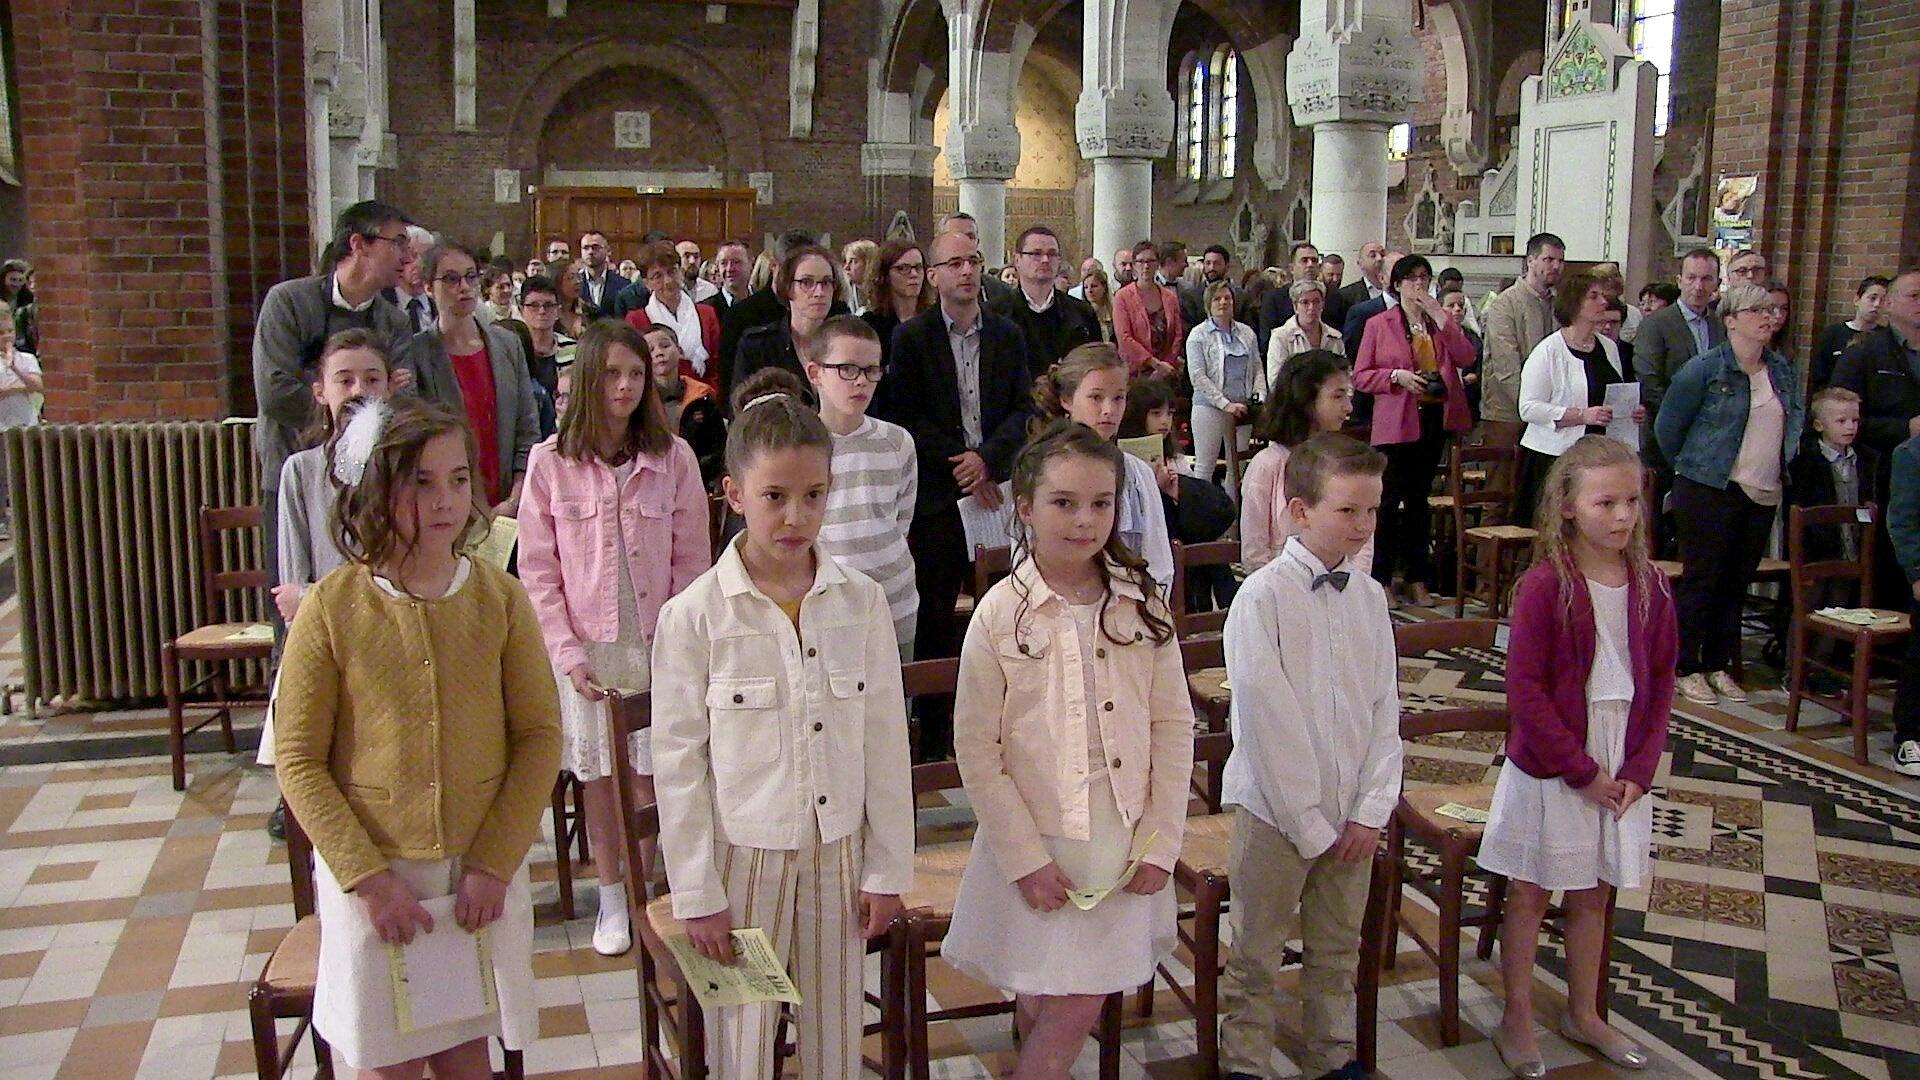 2019-05-12-entrées eucharistie (20)